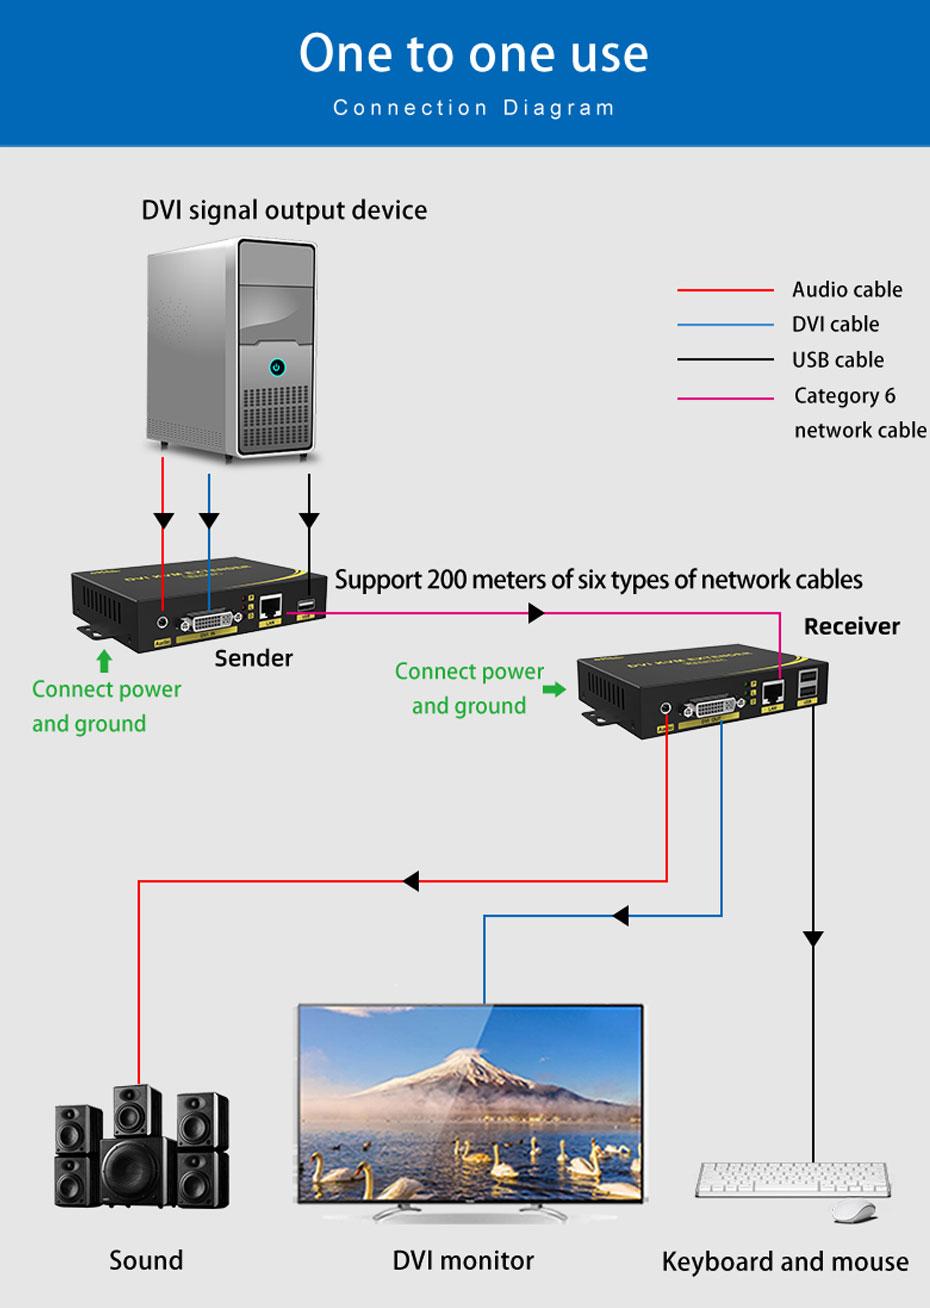 DVI KVM over cat6 DU200 1 to 1 connection diagram